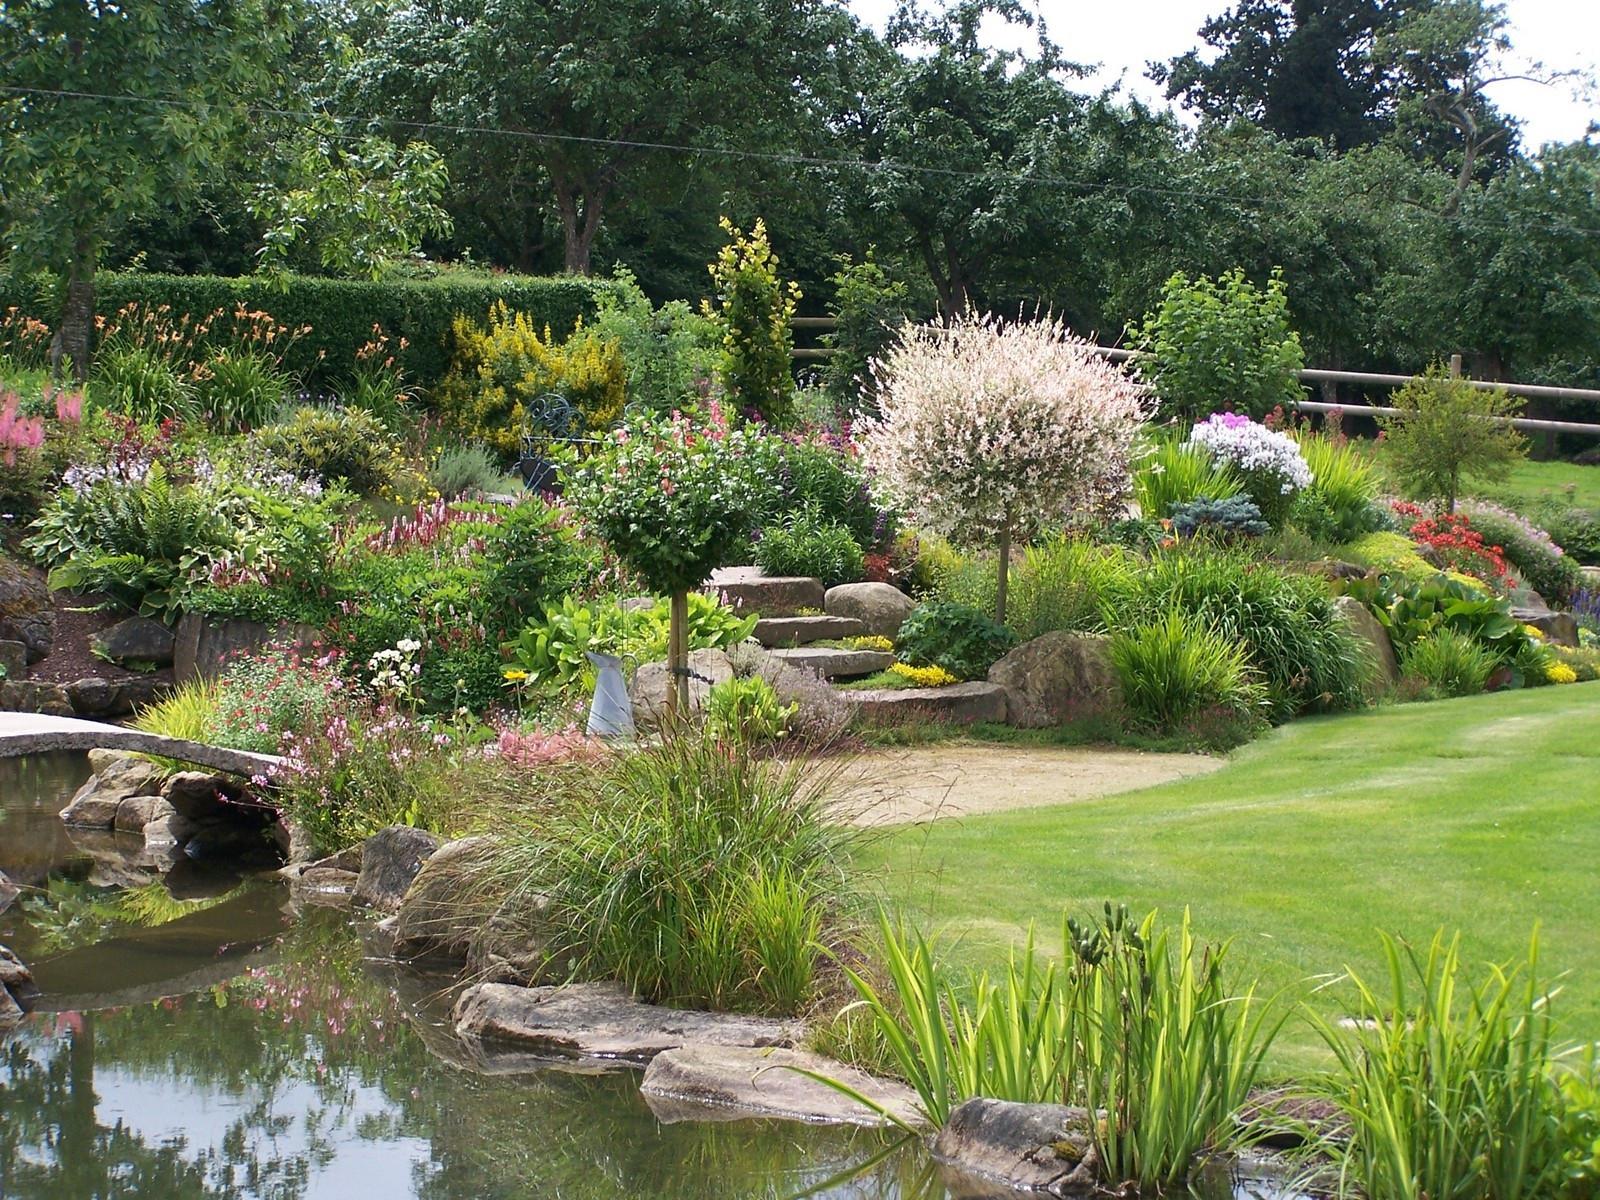 Quelles Plantes Et Fleurs Choisir Pour Créer Un Beau Jardin ... tout Comment Faire Son Jardin Paysager